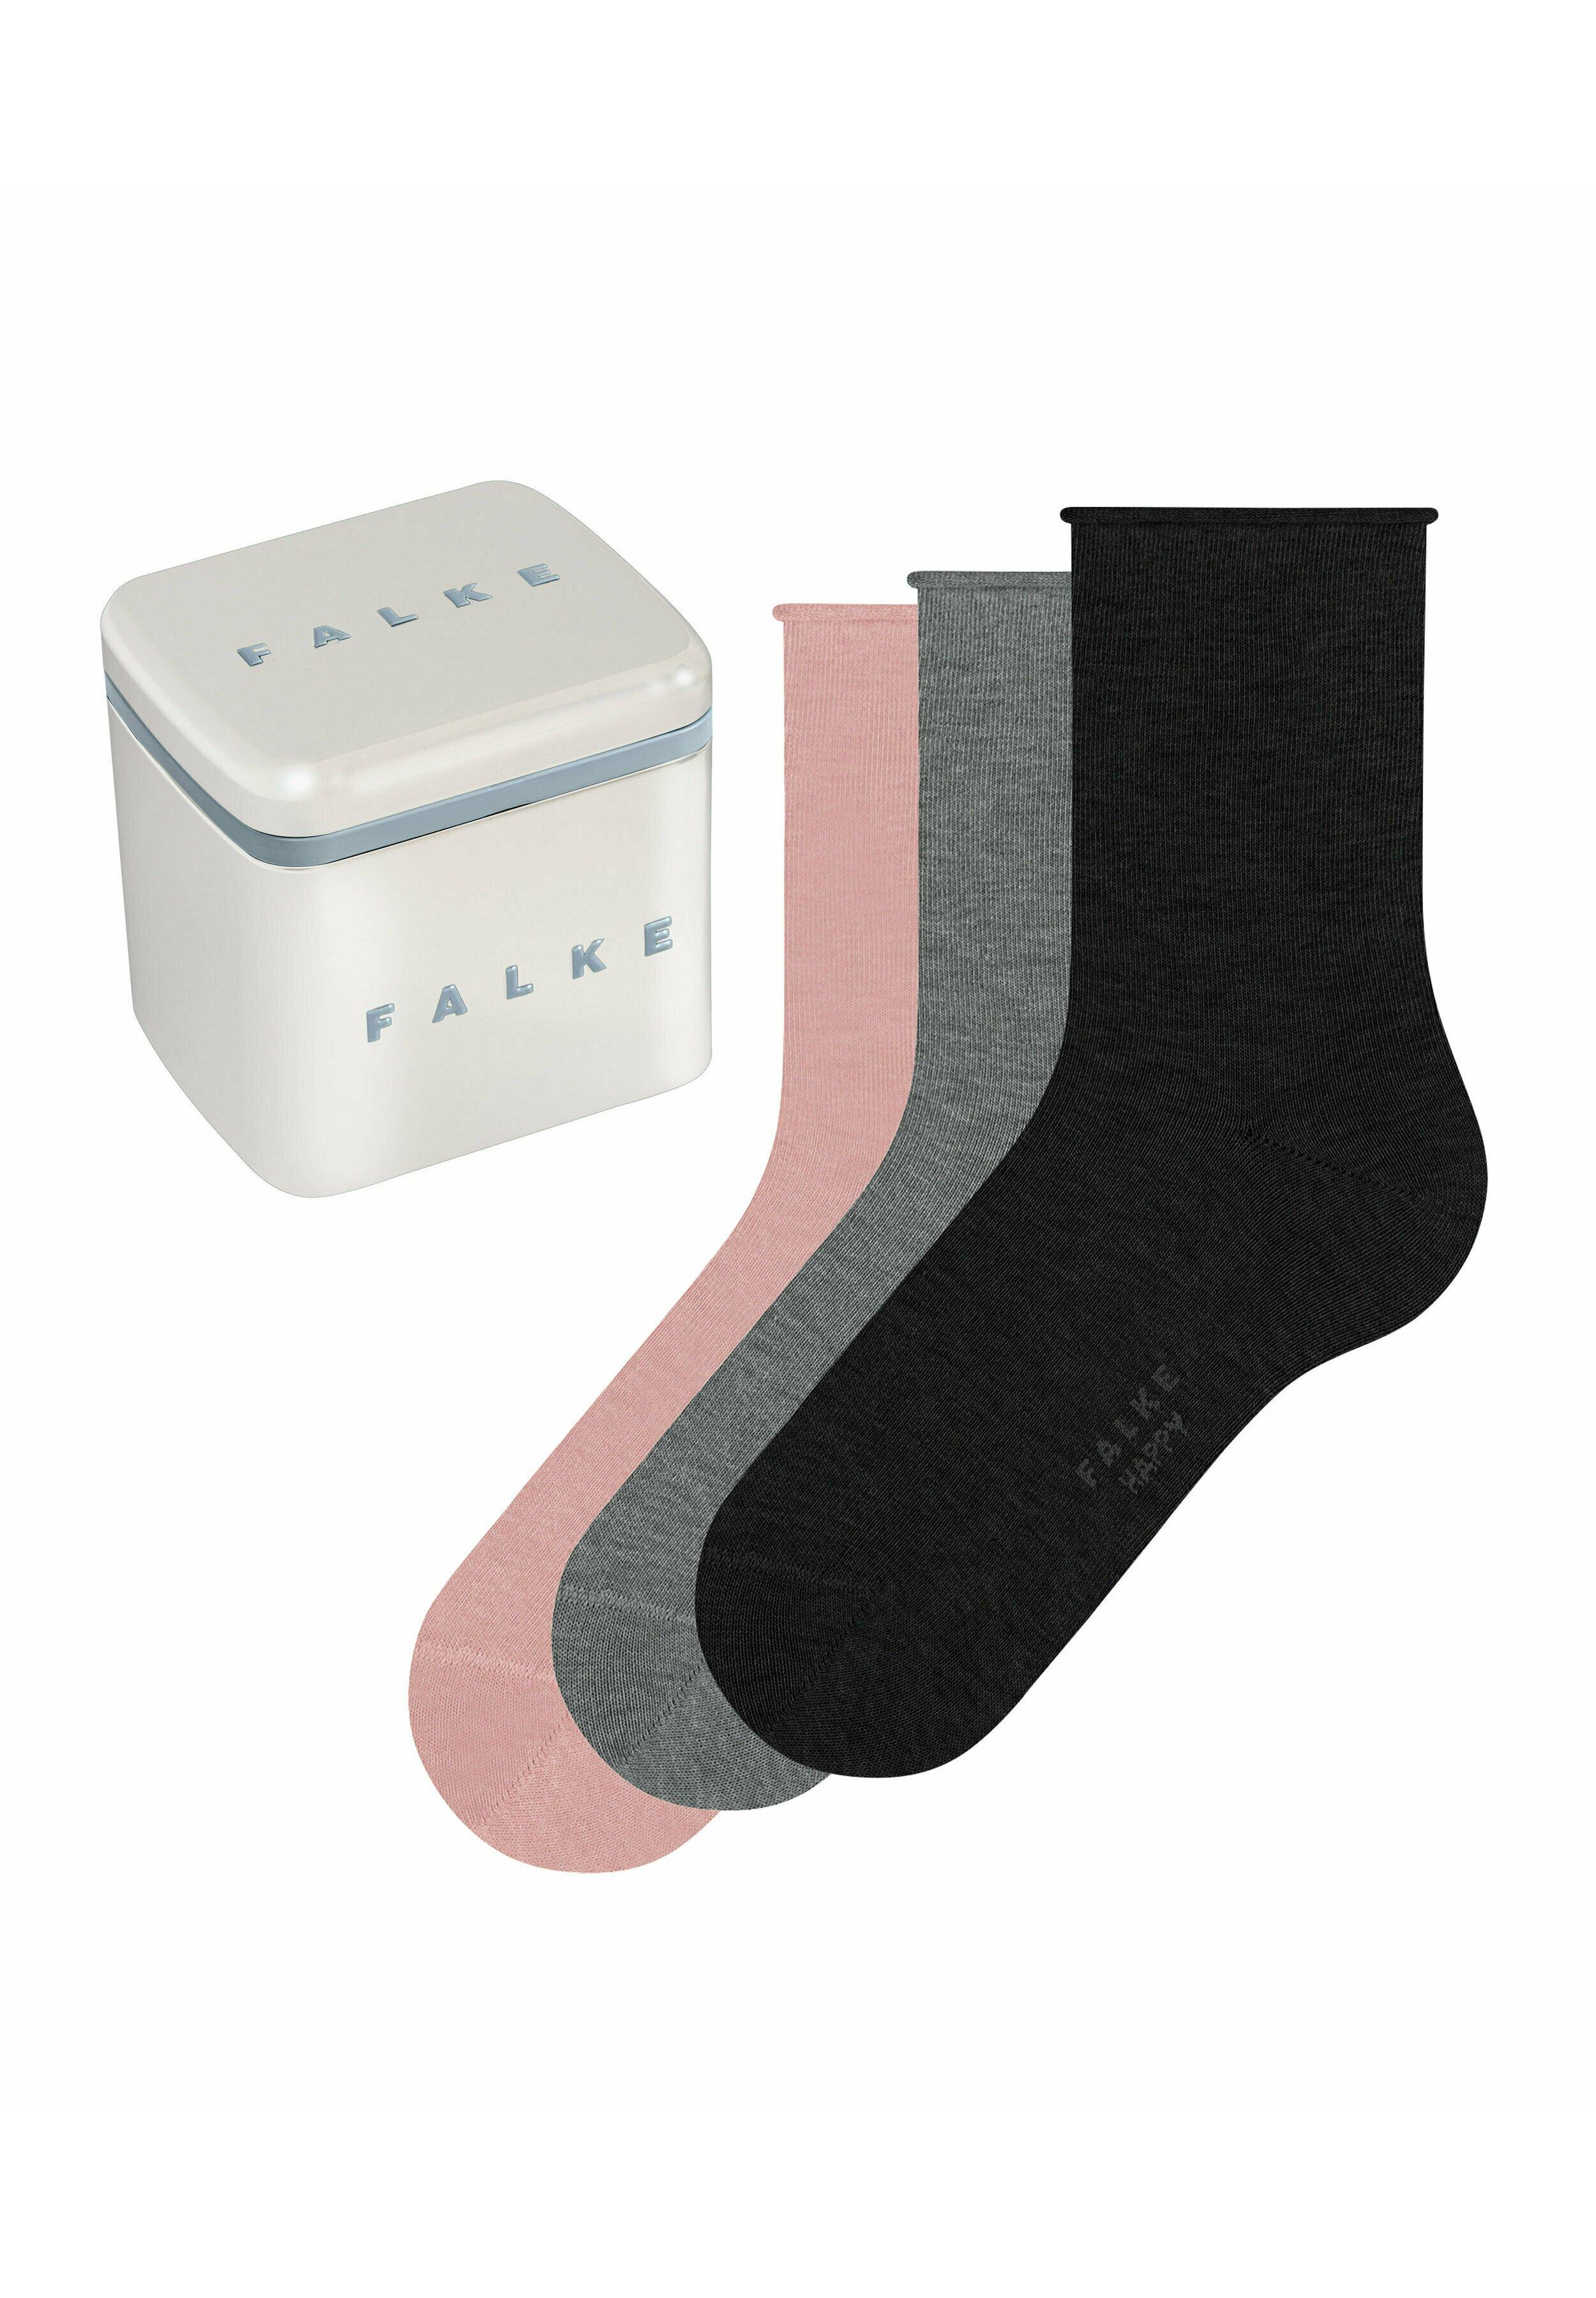 Damen 3-PACK HAPPY BOX - Socken - sortiment